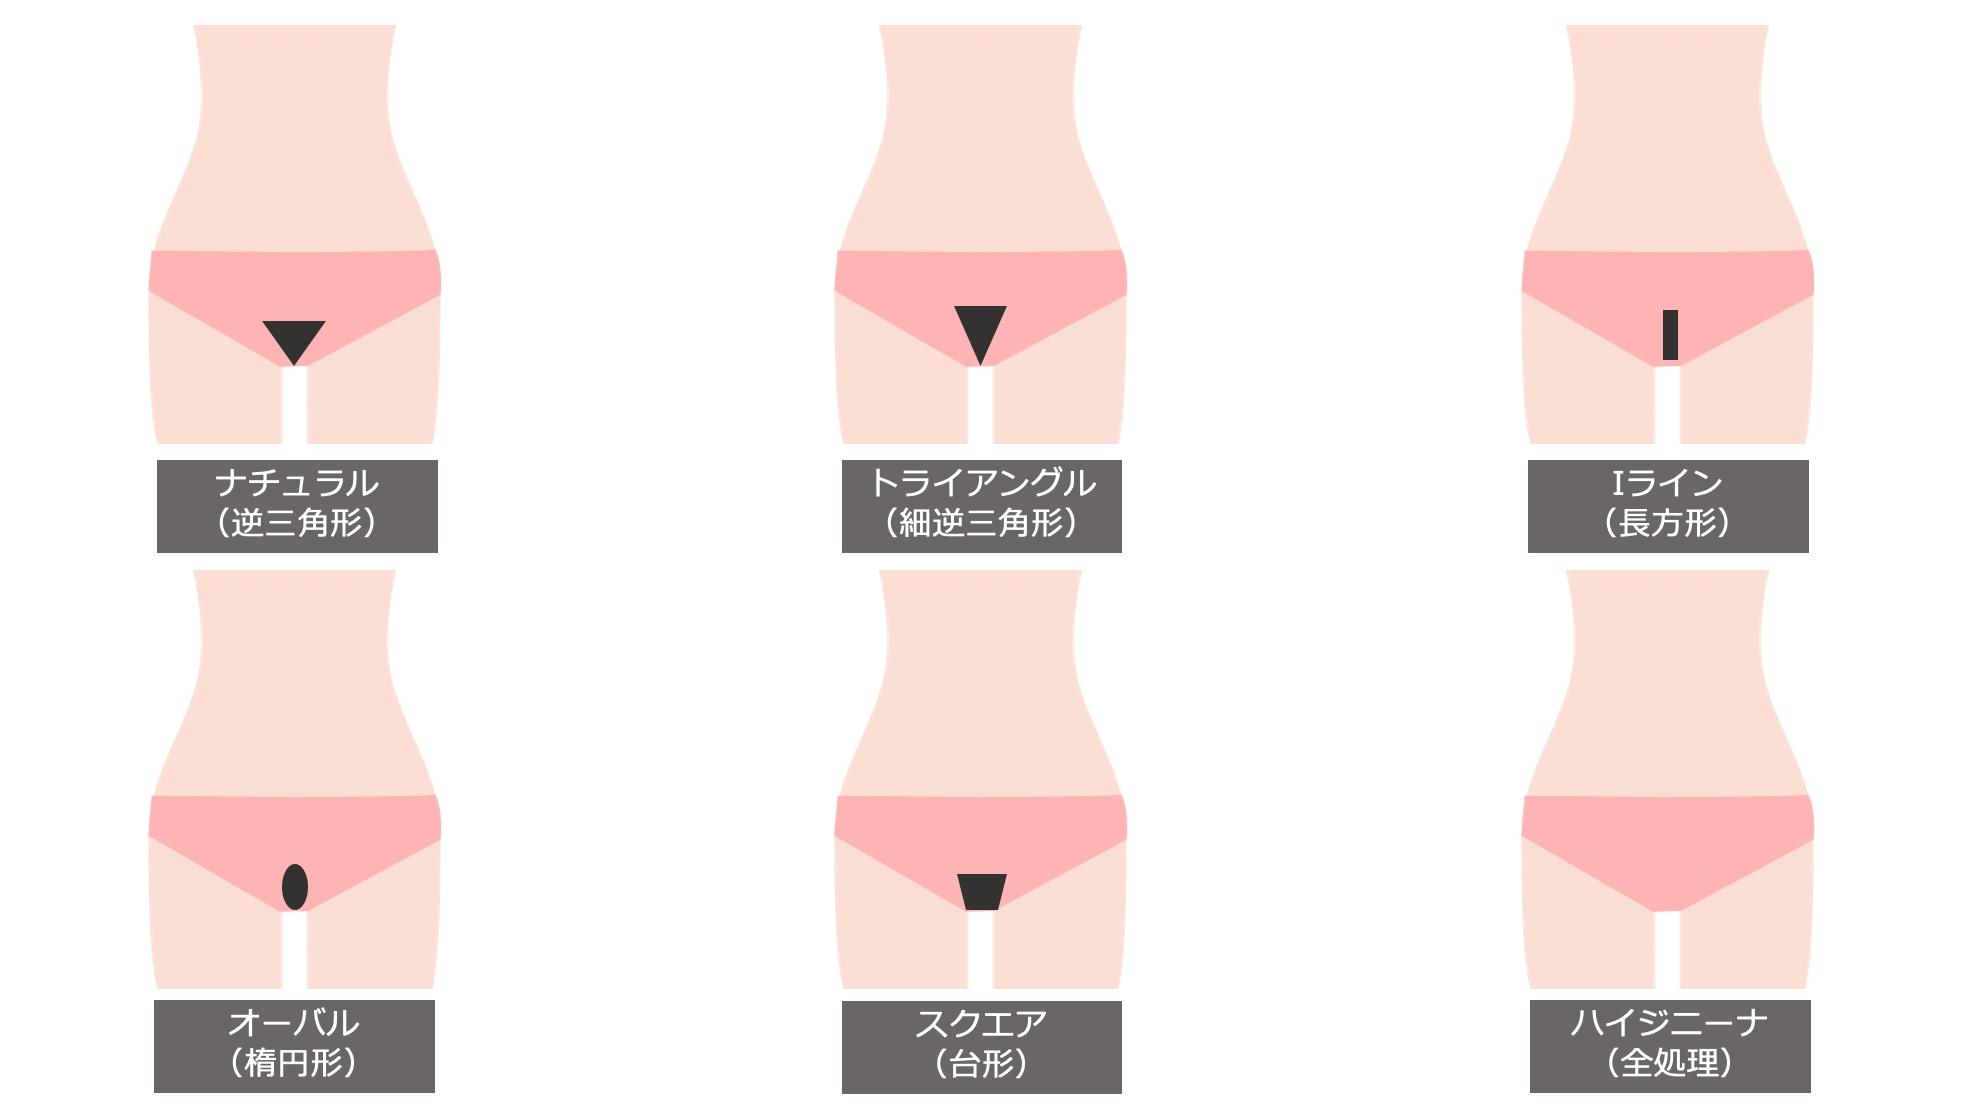 ビキニラインのデザイン